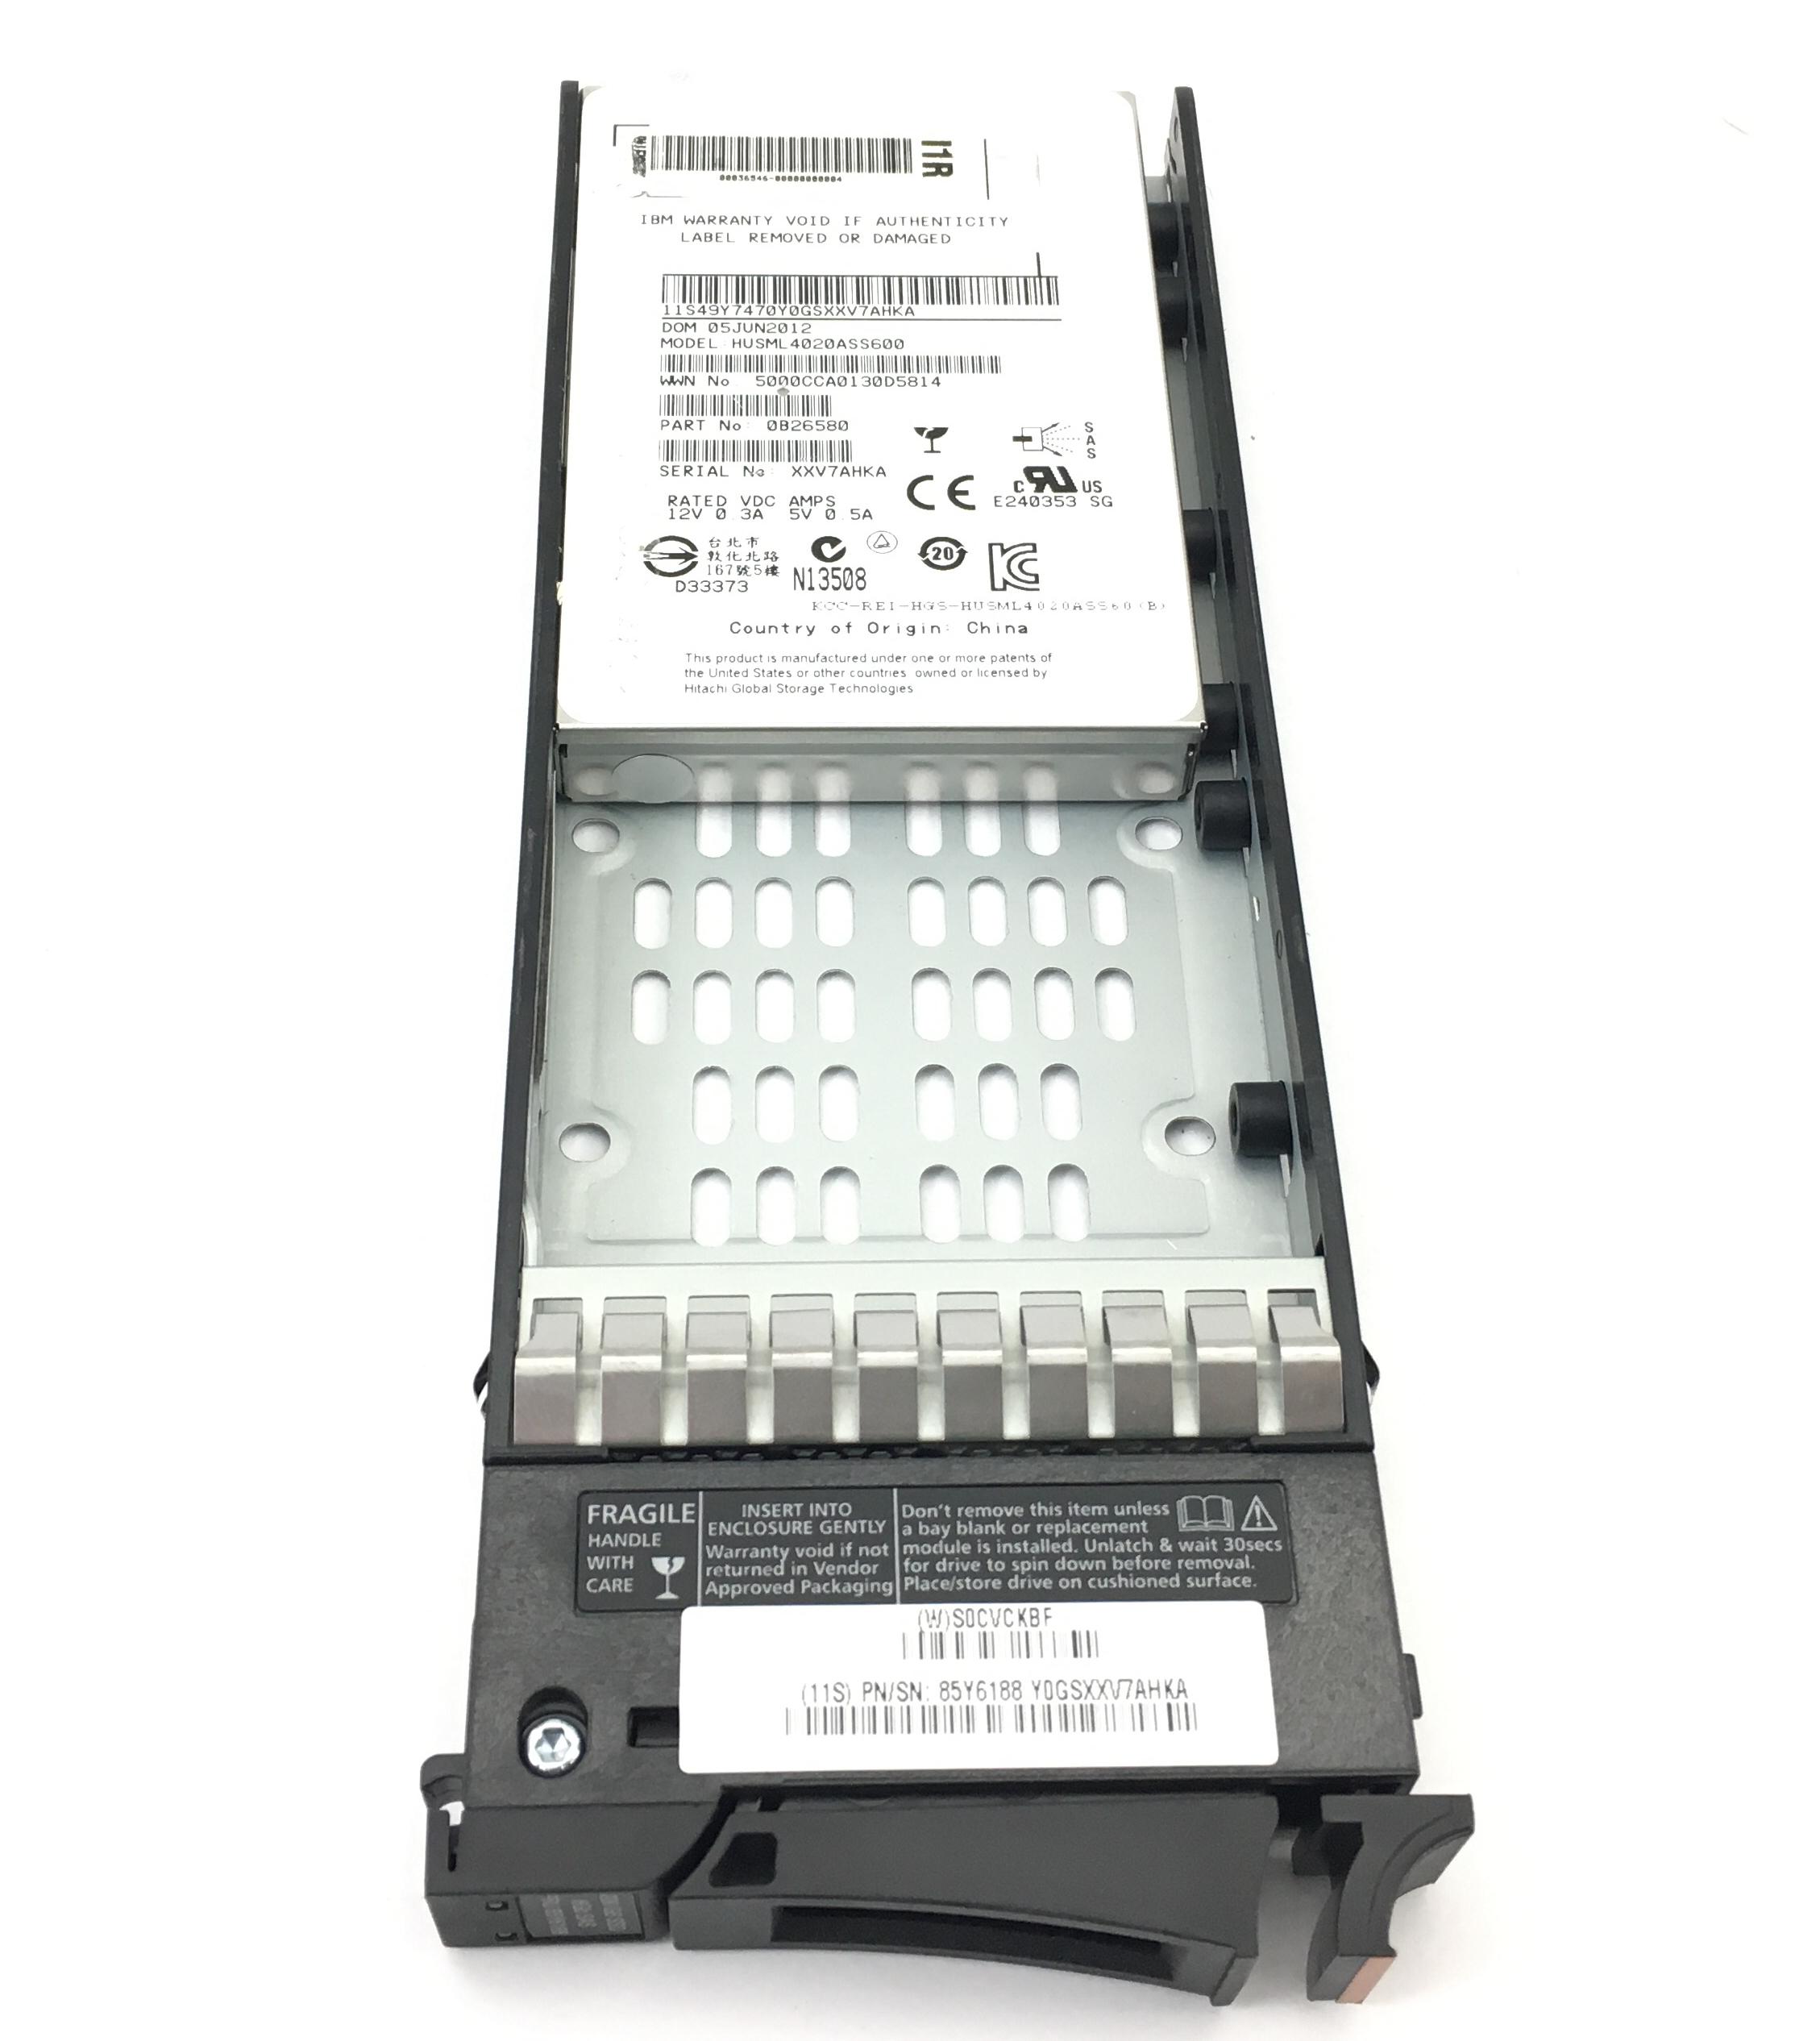 IBM HGST 200GB 6GBPS SAS 2.5'' SSD SOLID STATE DRIVE (85Y6188)